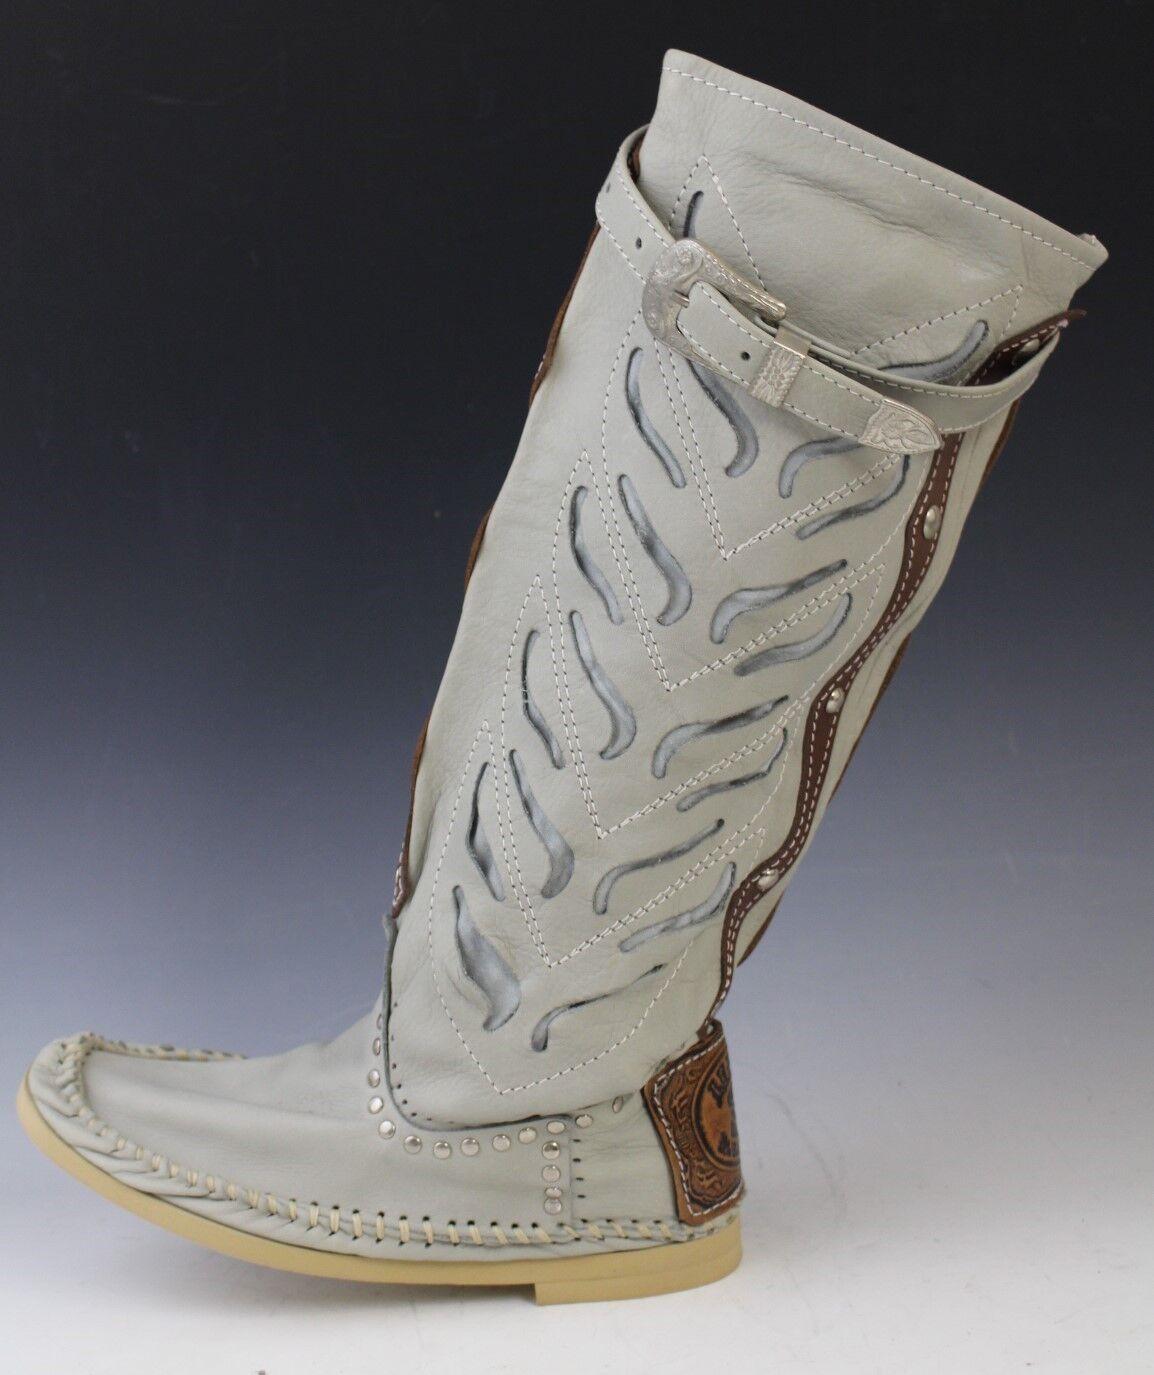 Hector Italiensk läder Cowboy Style Mocasin Mocasin Mocasin stövlar skor TRAFORATO grå US 6  Alla varor är specialerbjudanden